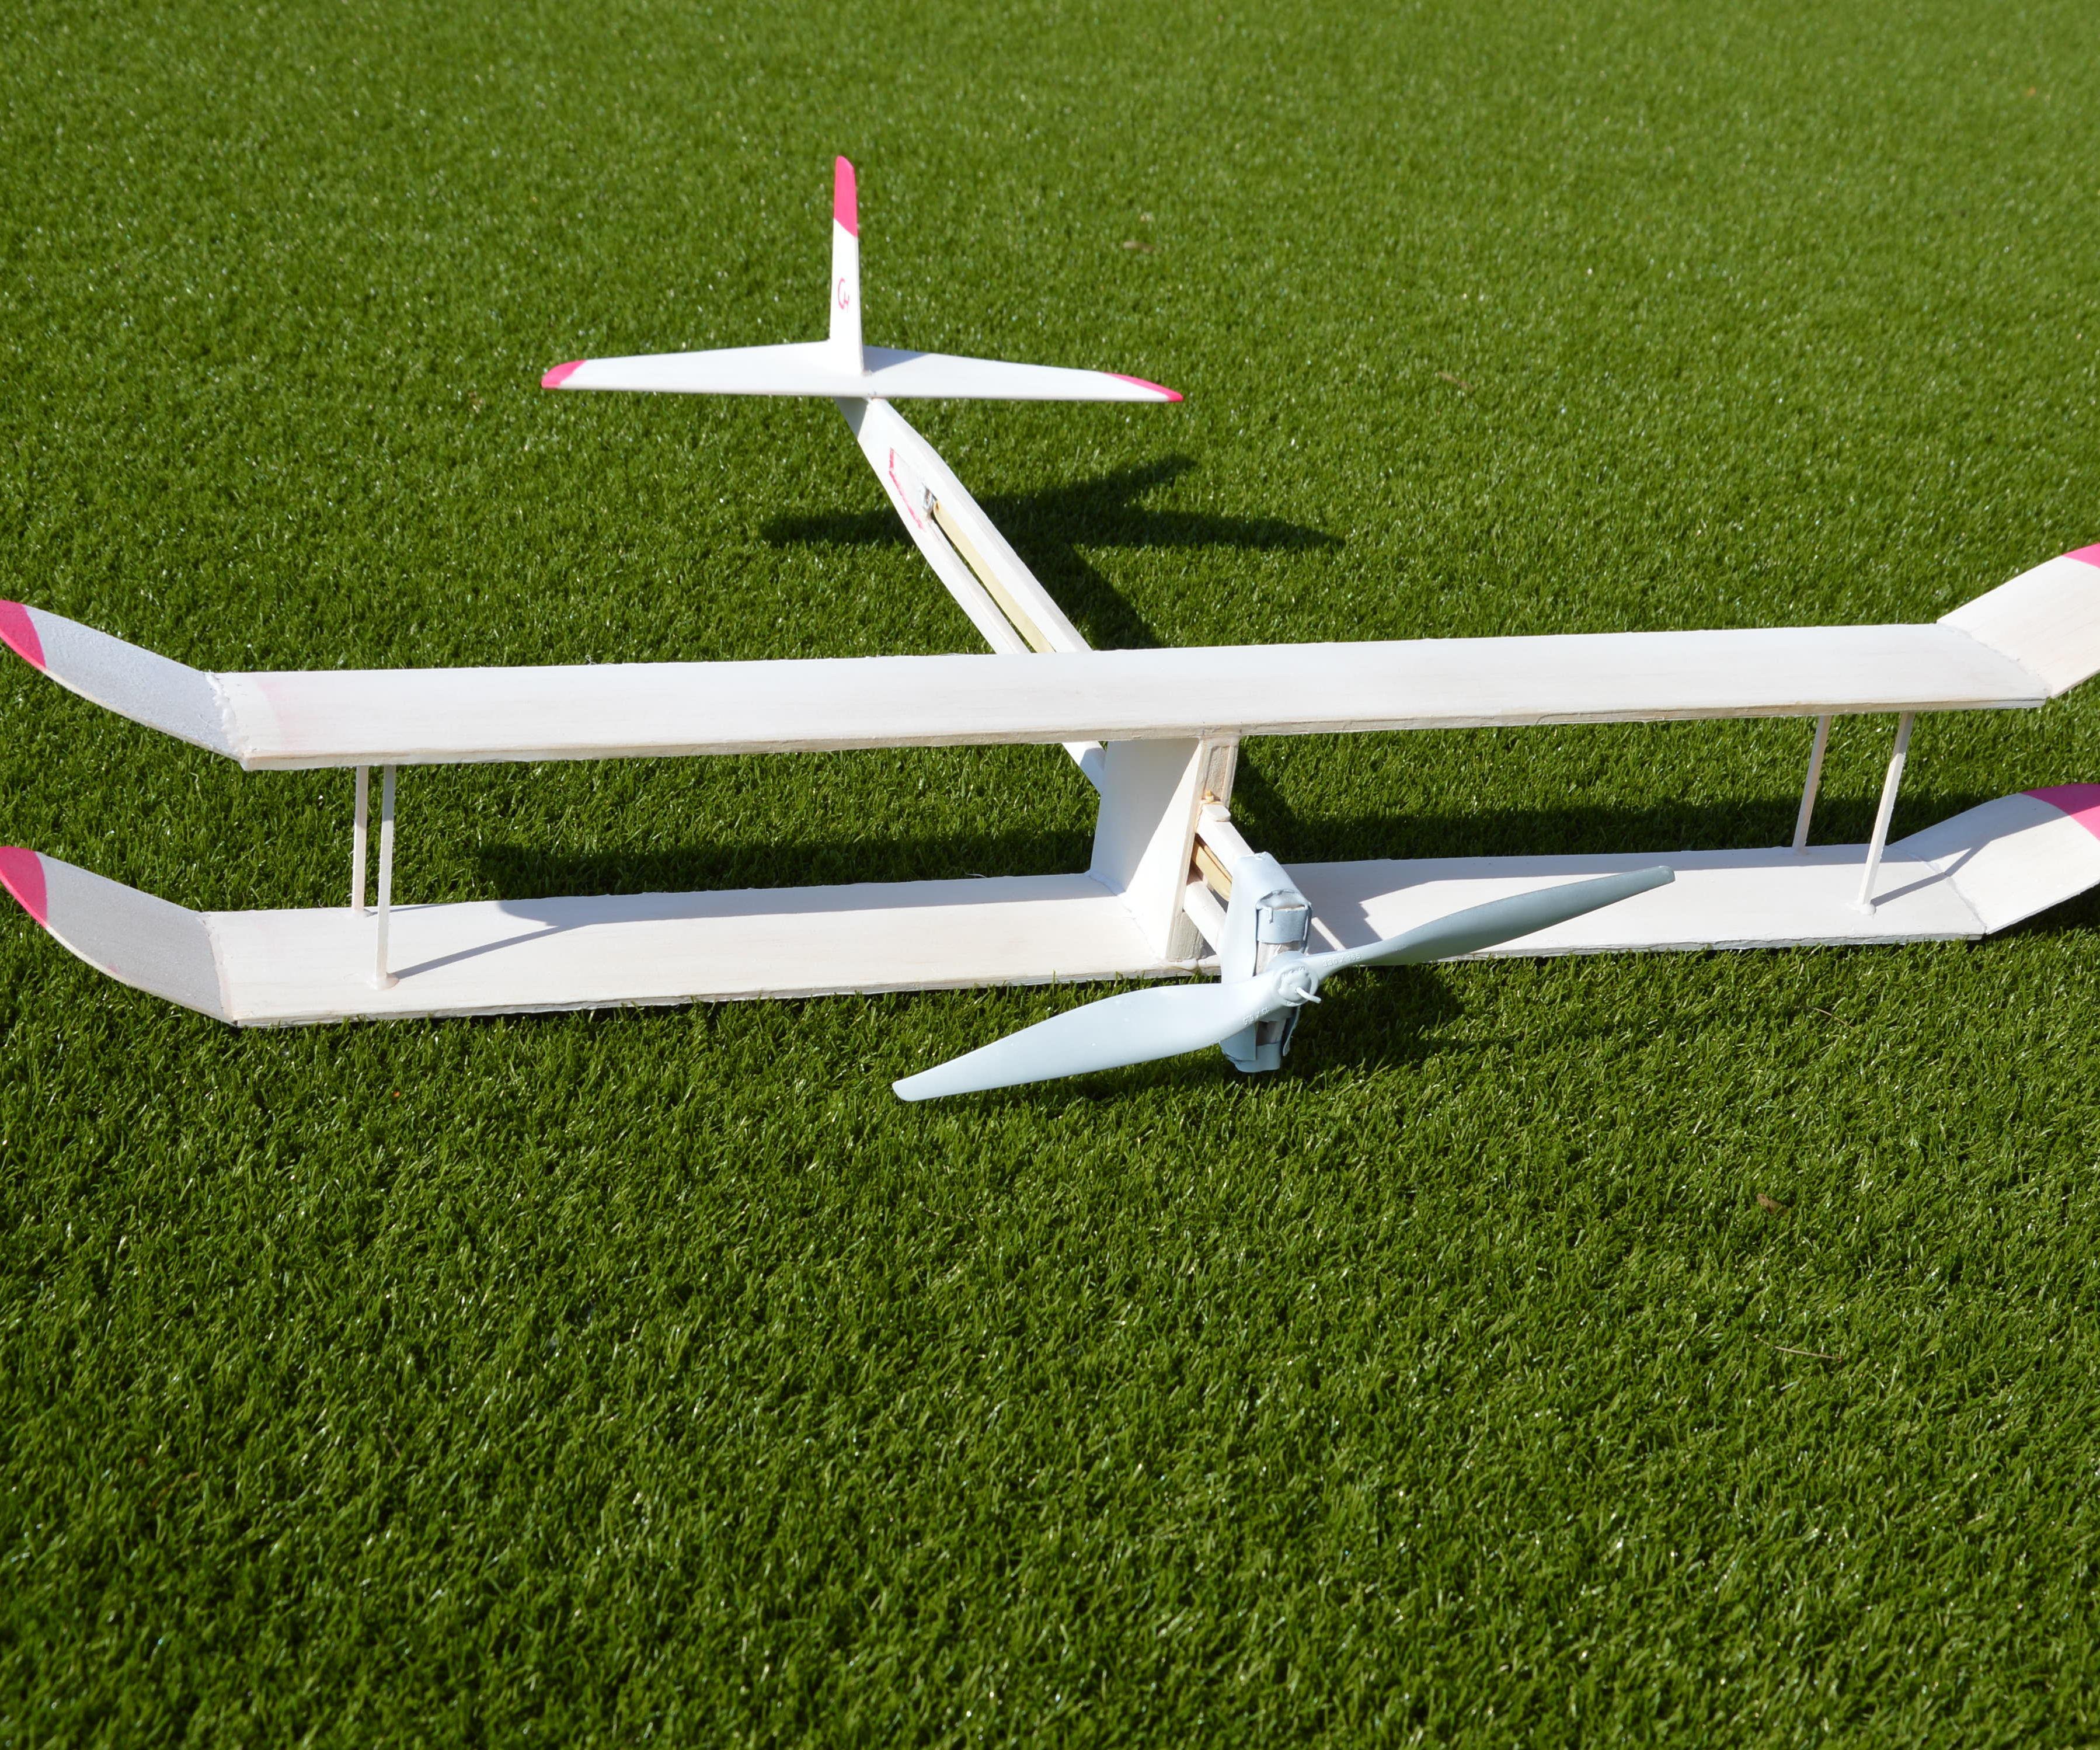 Balsa wood biplane